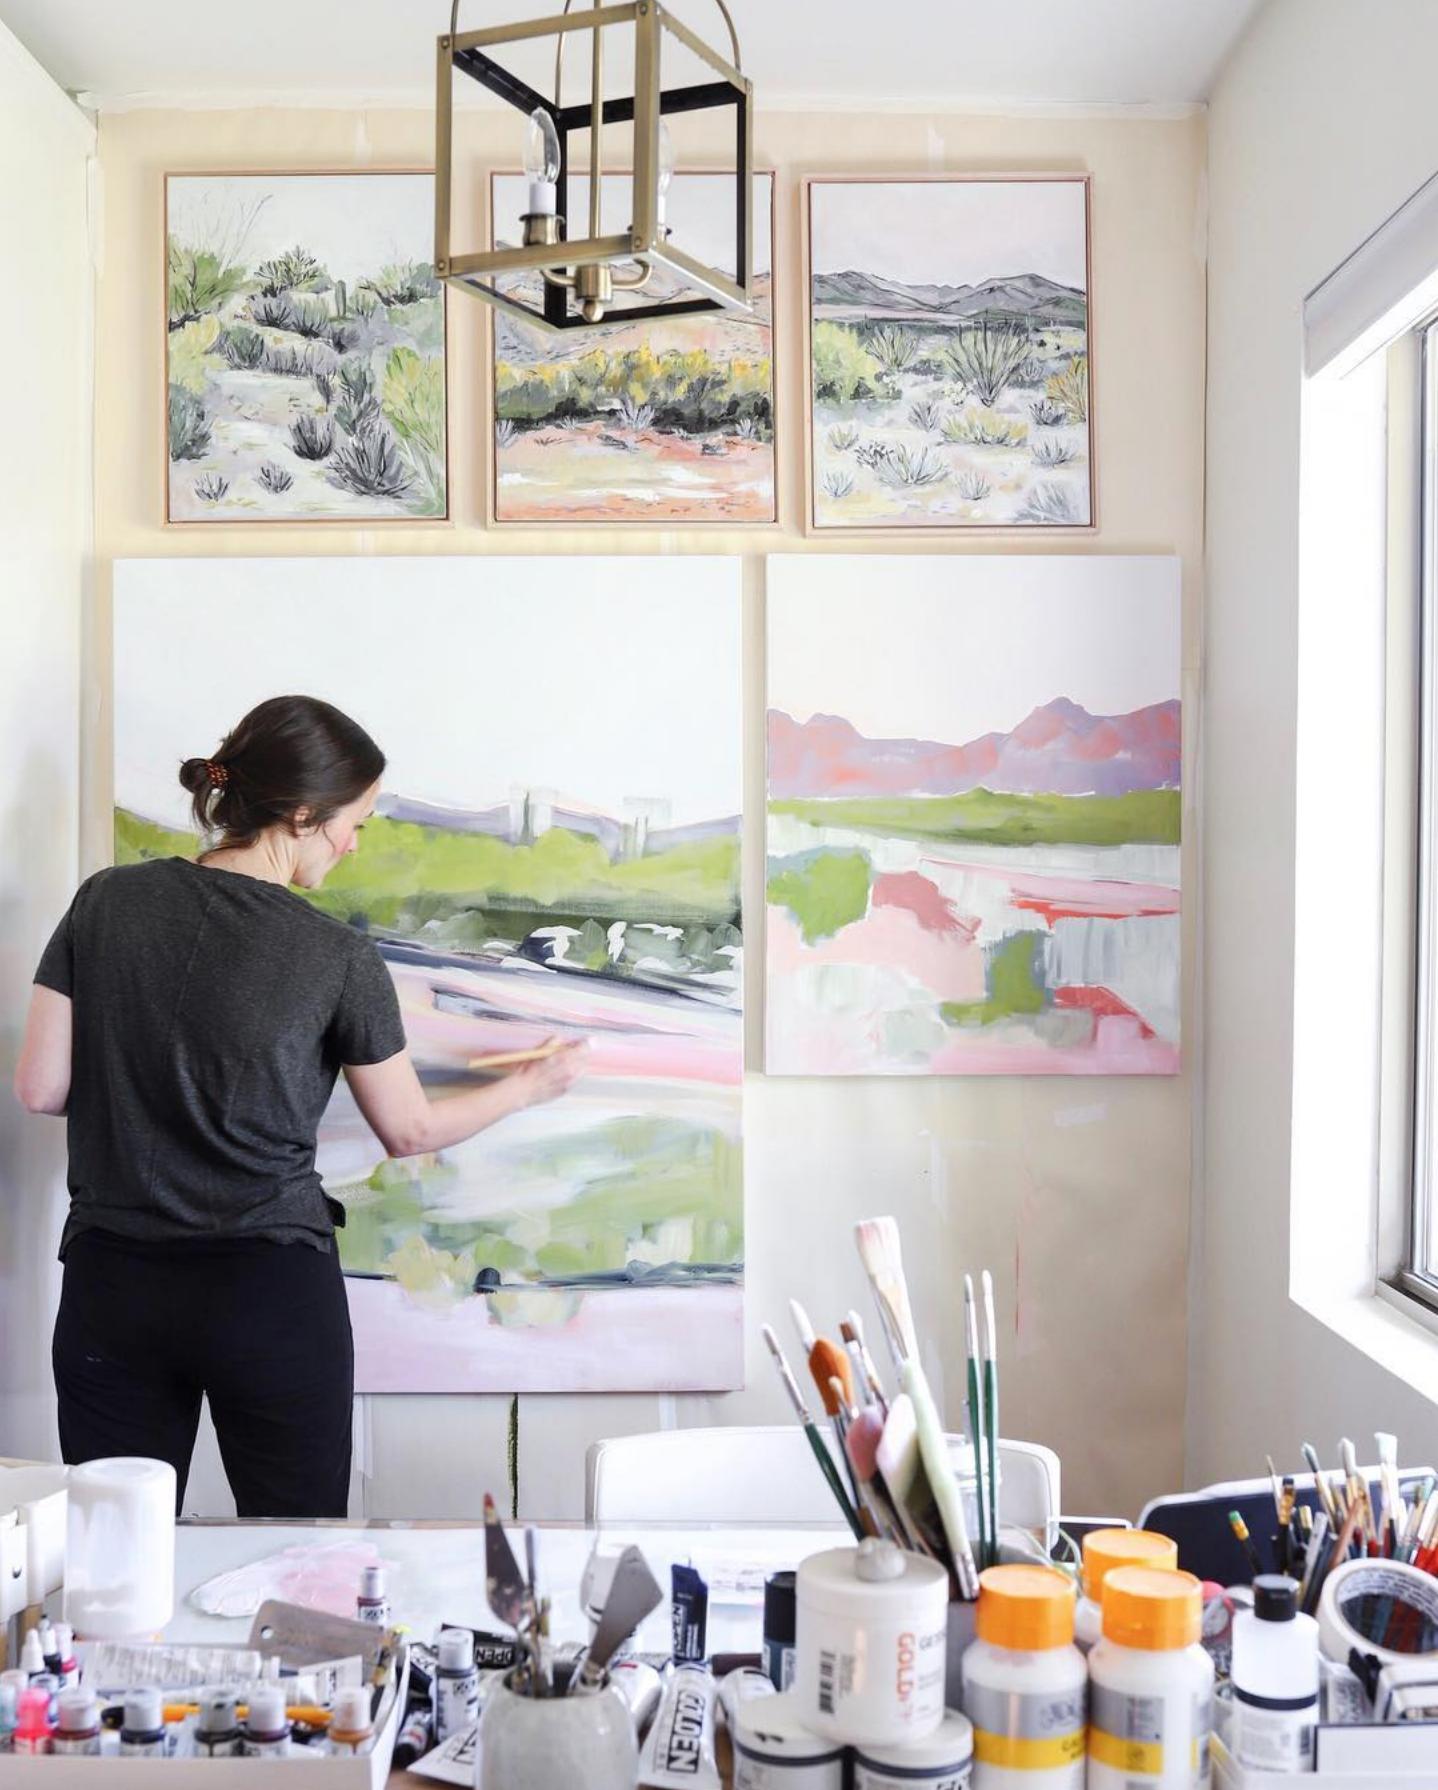 Make_LaurieAnne Gonzalez_Art Studio Tour_12.png